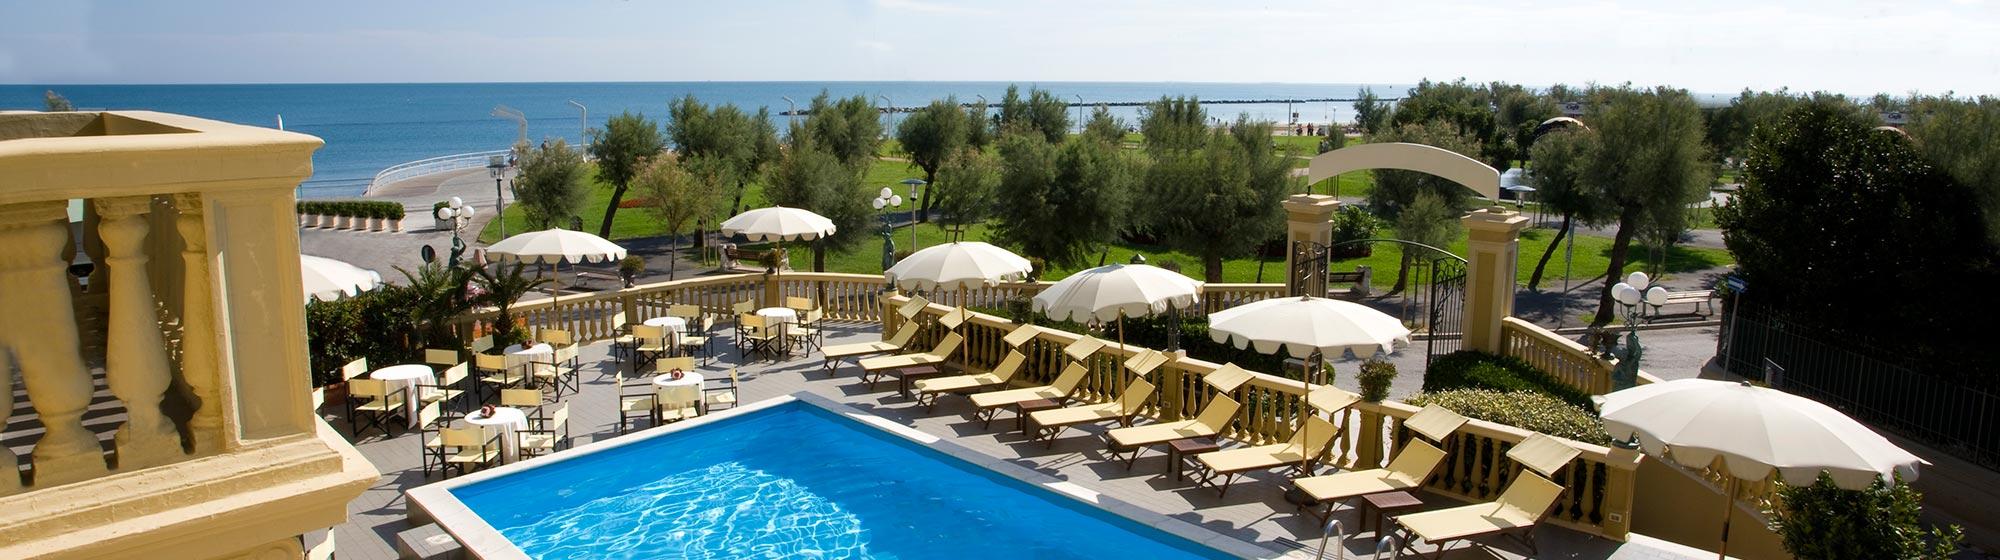 Hotel Pesaro fronte mare: alberghi 5 stelle di lusso nelle Marche ...